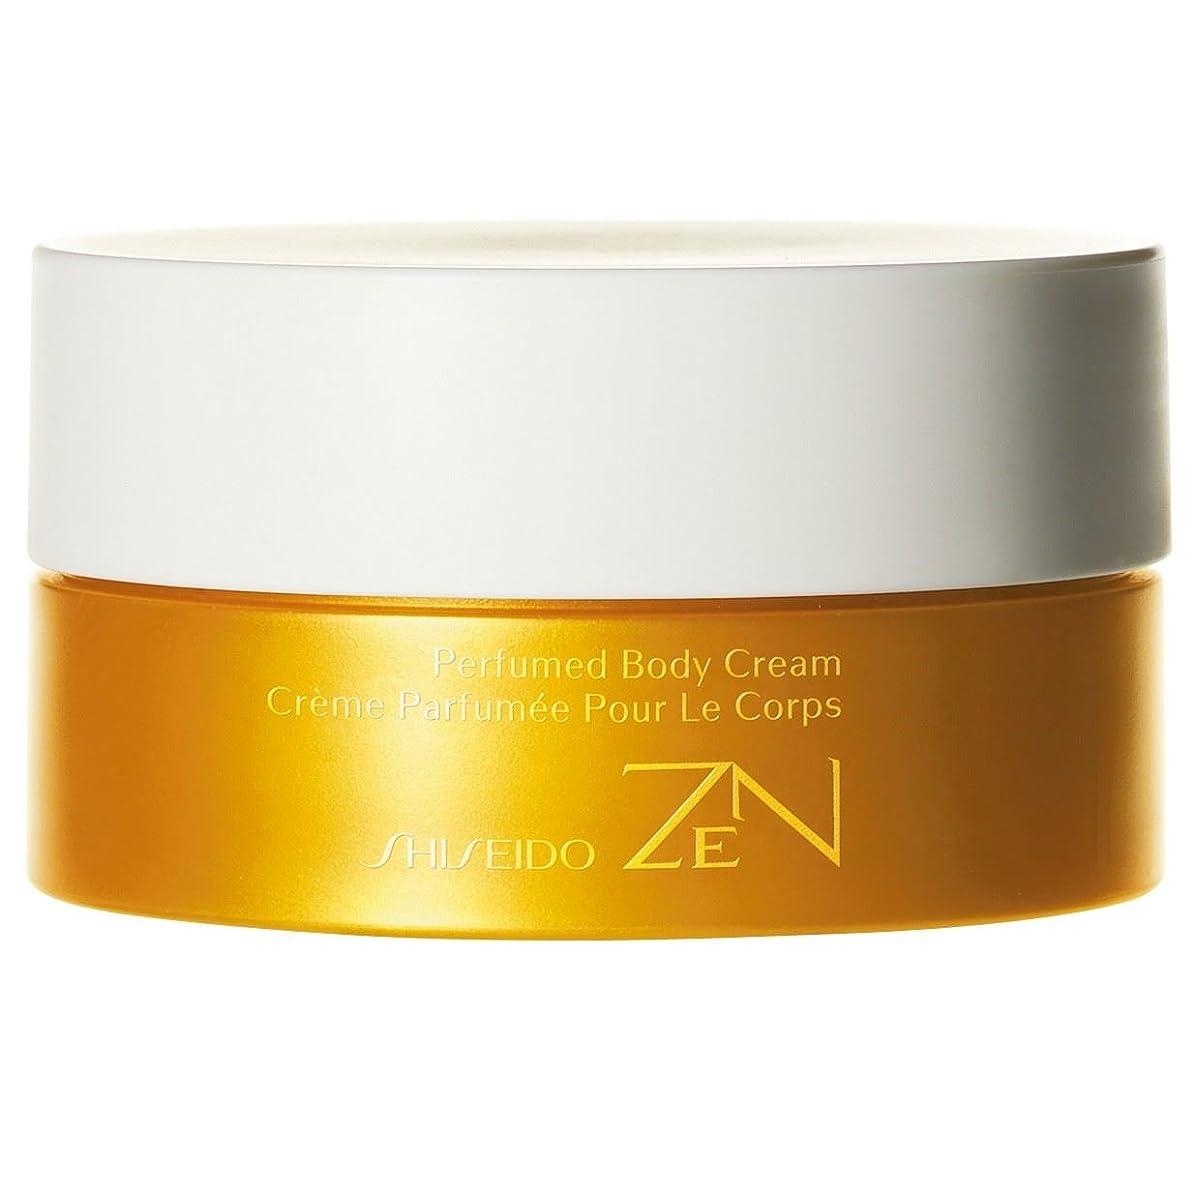 独占刺激する無駄に[Shiseido ] 資生堂禅香りのボディクリーム200ミリリットル - Shiseido Zen Perfumed Body Cream 200ml [並行輸入品]